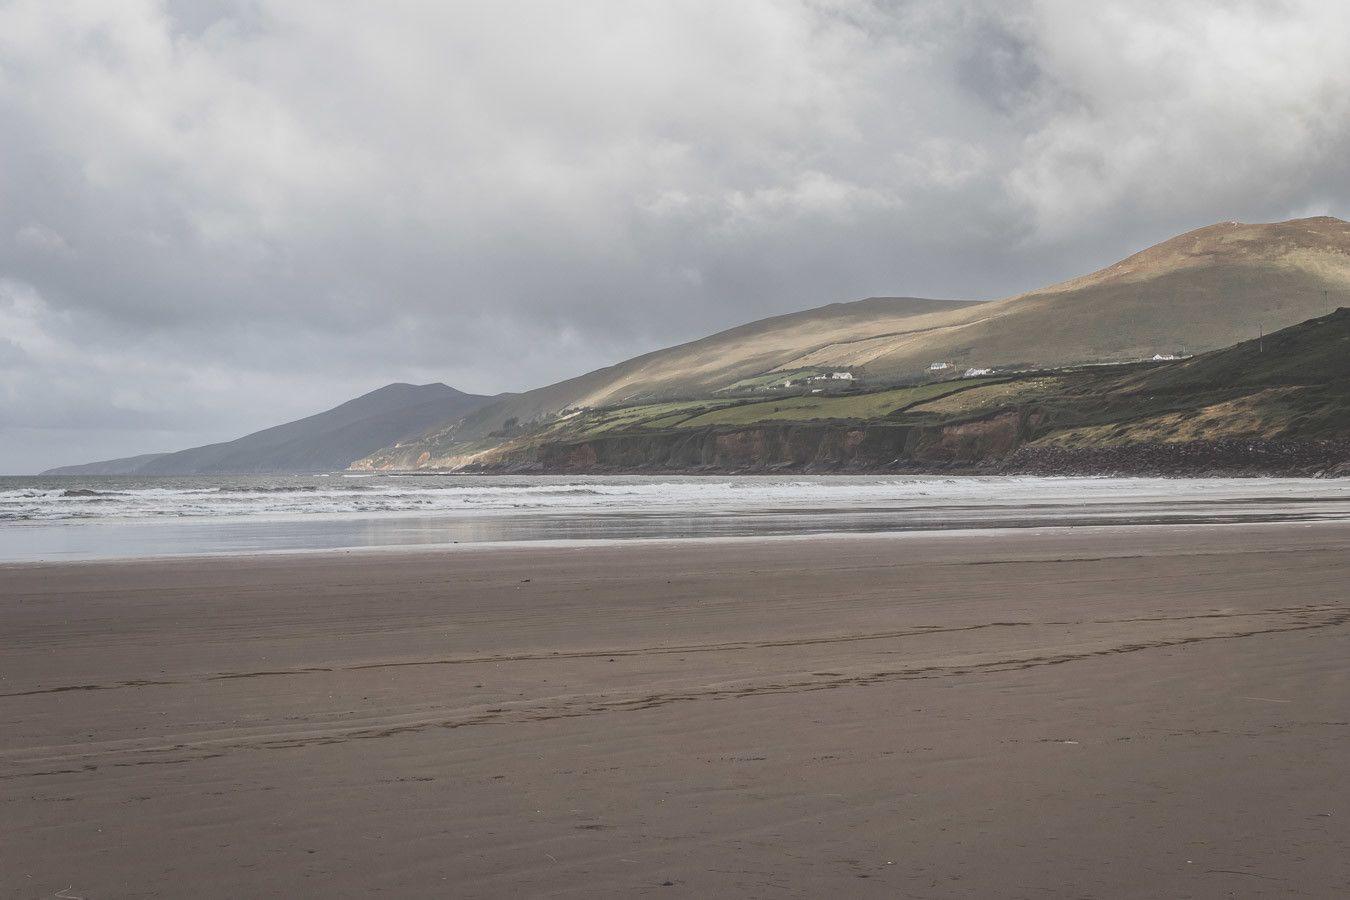 Inch beach, plage du Sud-Ouest de l'Irlande